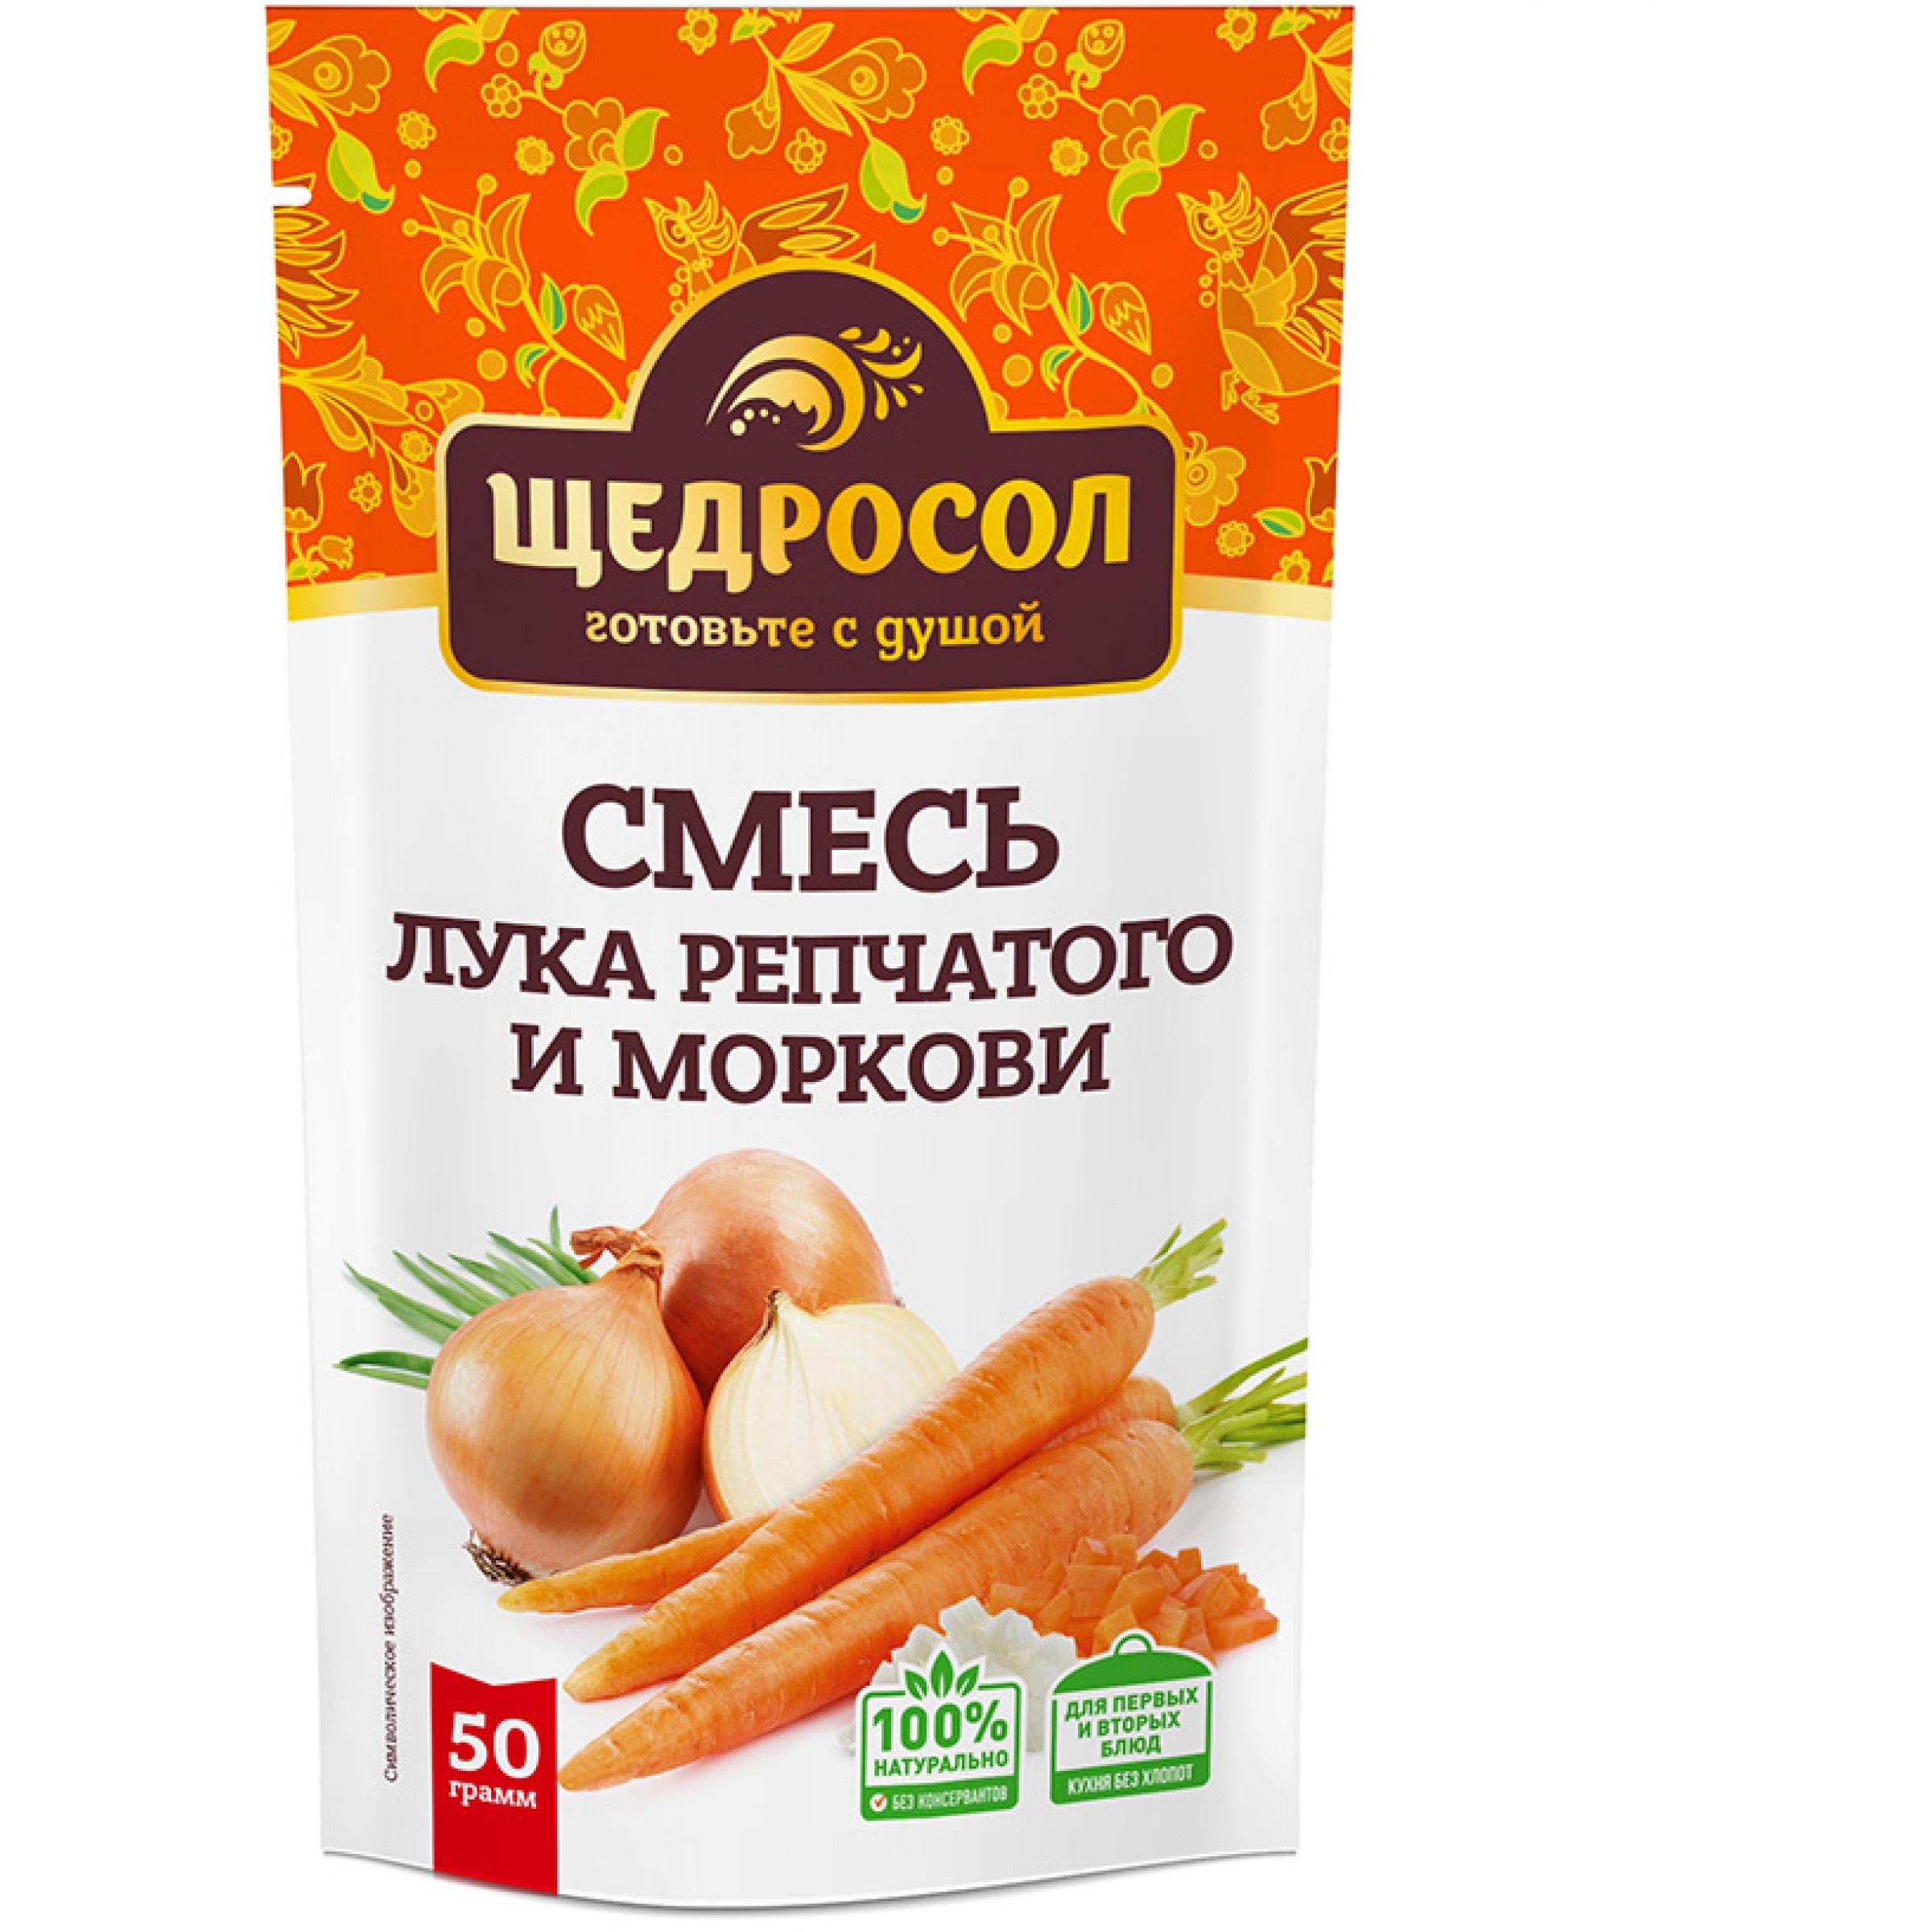 Смесь лука репчатого и моркови Щедросол, 50гр